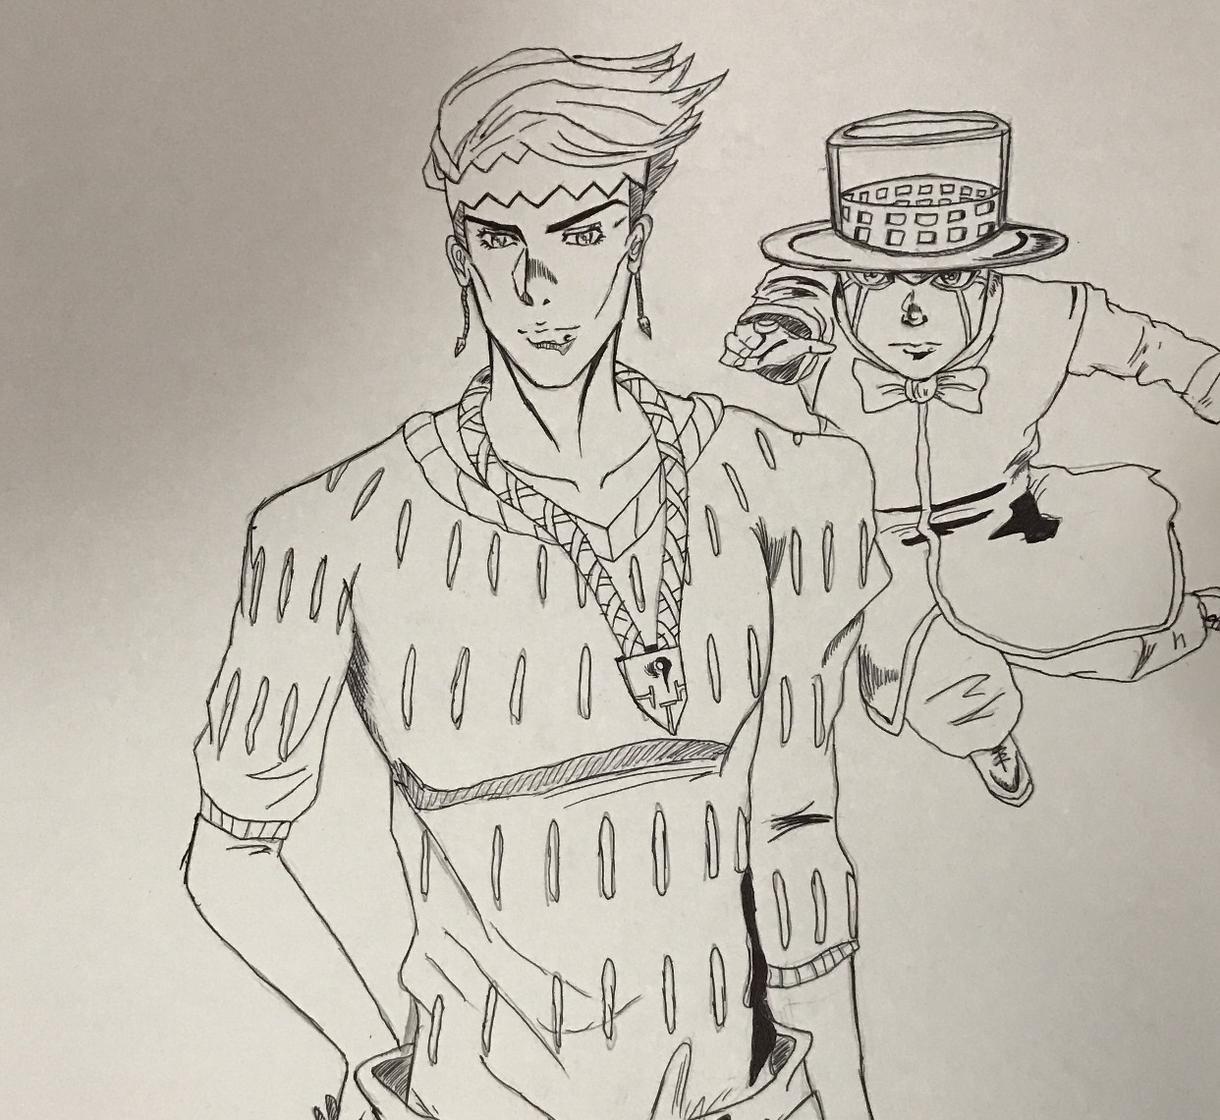 ジョジョキャラならなんでも書きます ジョジョが好きな方、アニメすきのひとイラスト画が好きな方